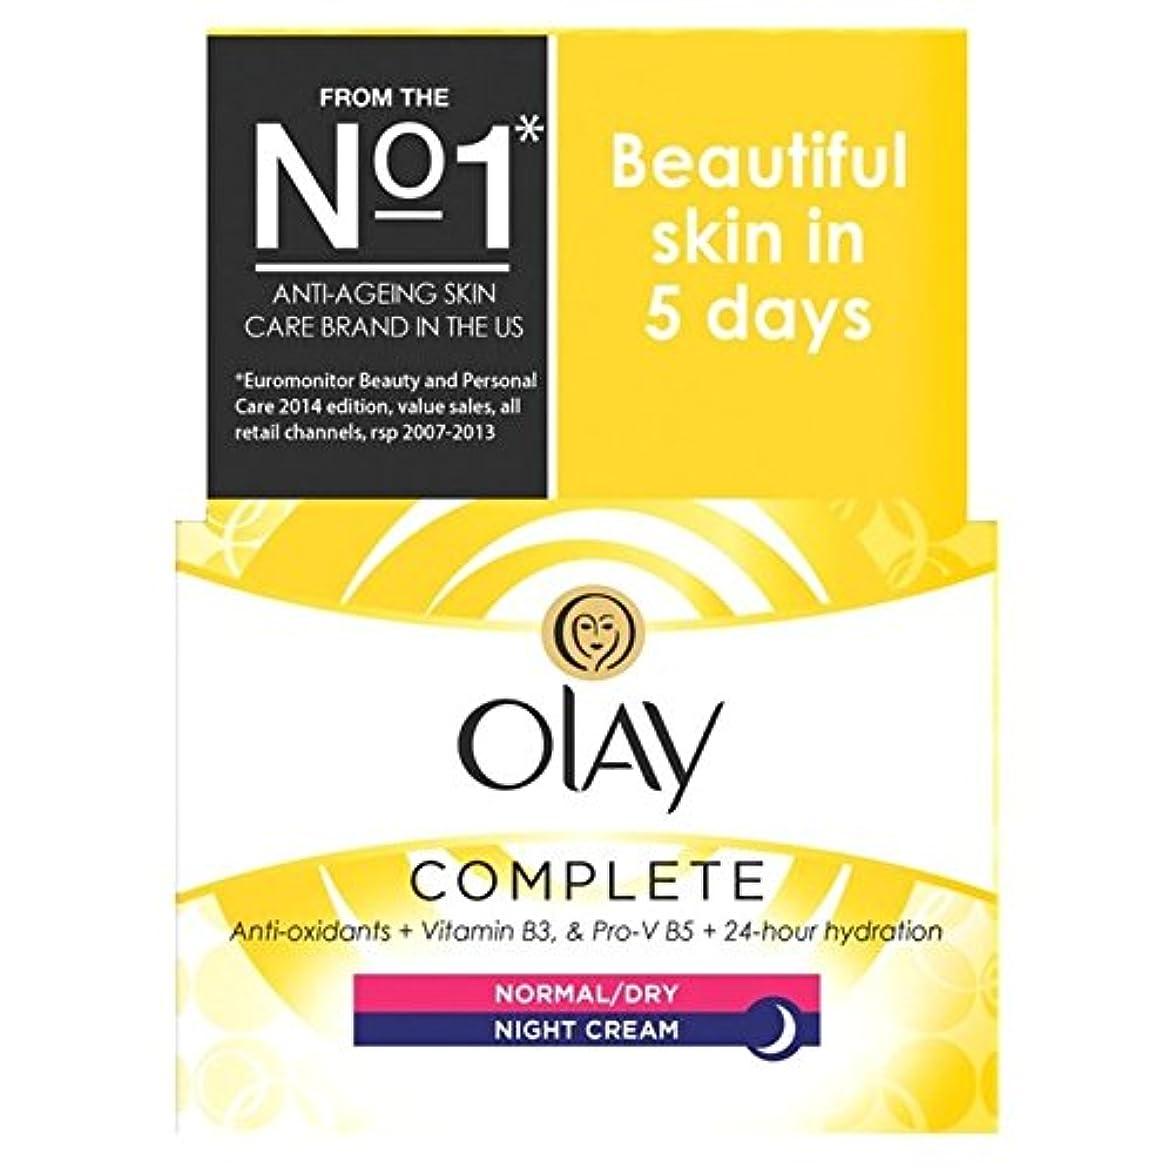 アームストロングストロー入札オーレイ必需品の完全なケア保湿ナイトクリーム50ミリリットル x2 - Olay Essentials Complete Care Moisturiser Night Cream 50ml (Pack of 2) [並行輸入品]